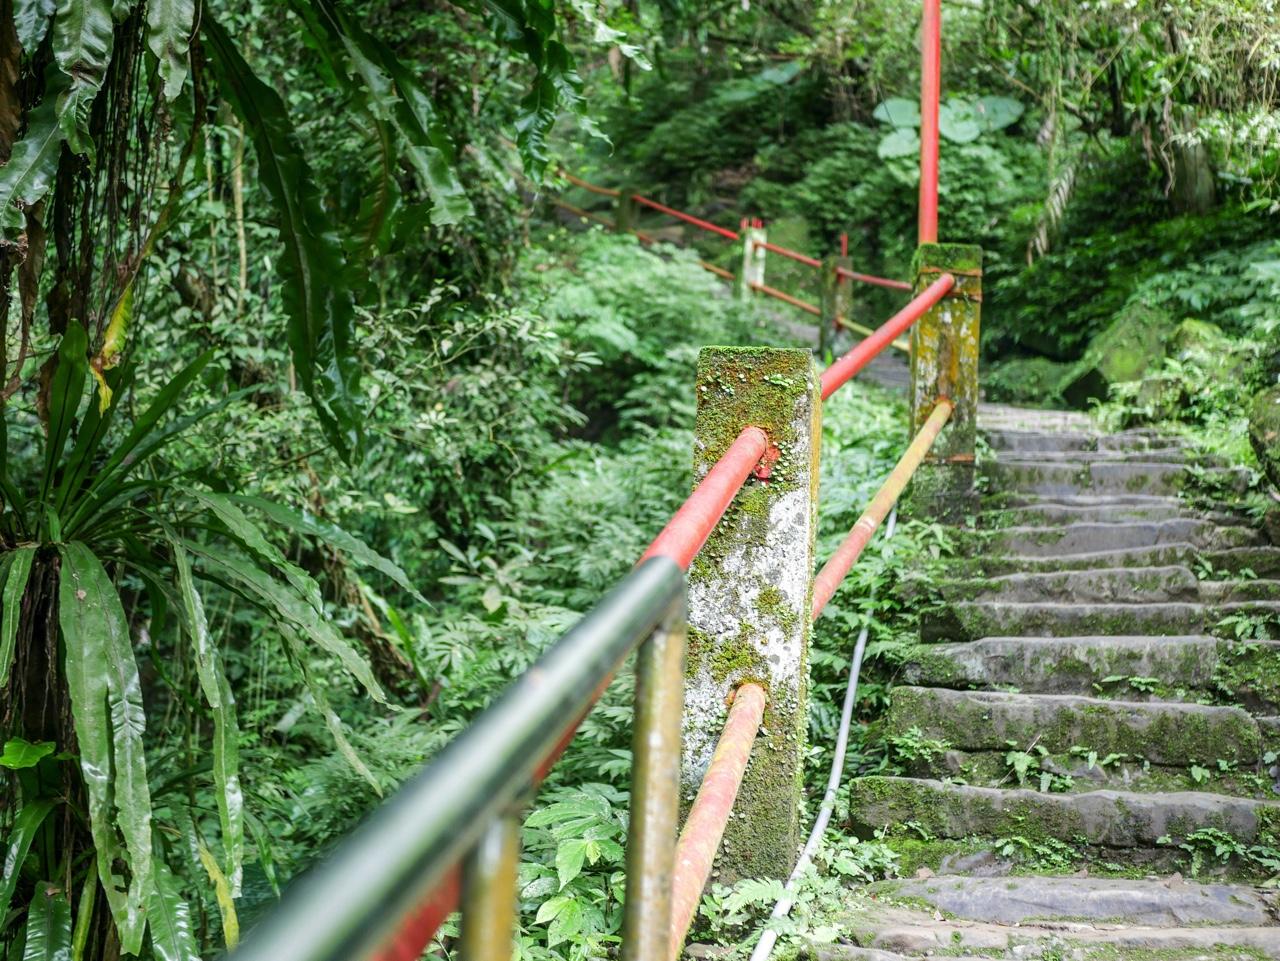 銀河洞越嶺歩道の階段